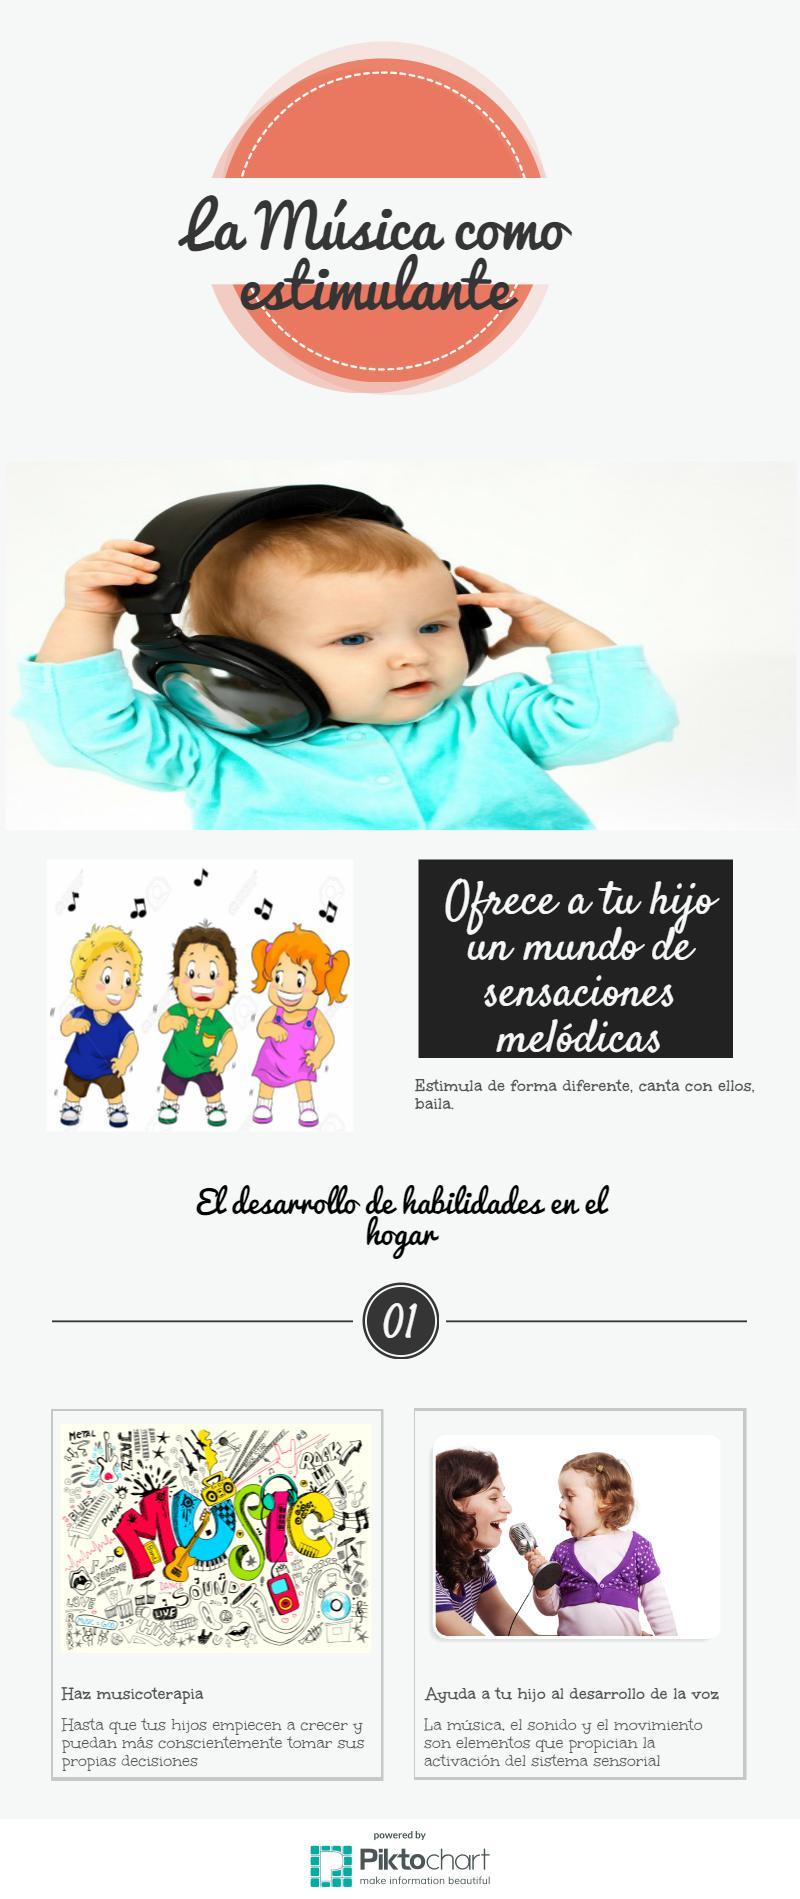 LA MUSICA COMO ESTIMULO EN EL HOGAR